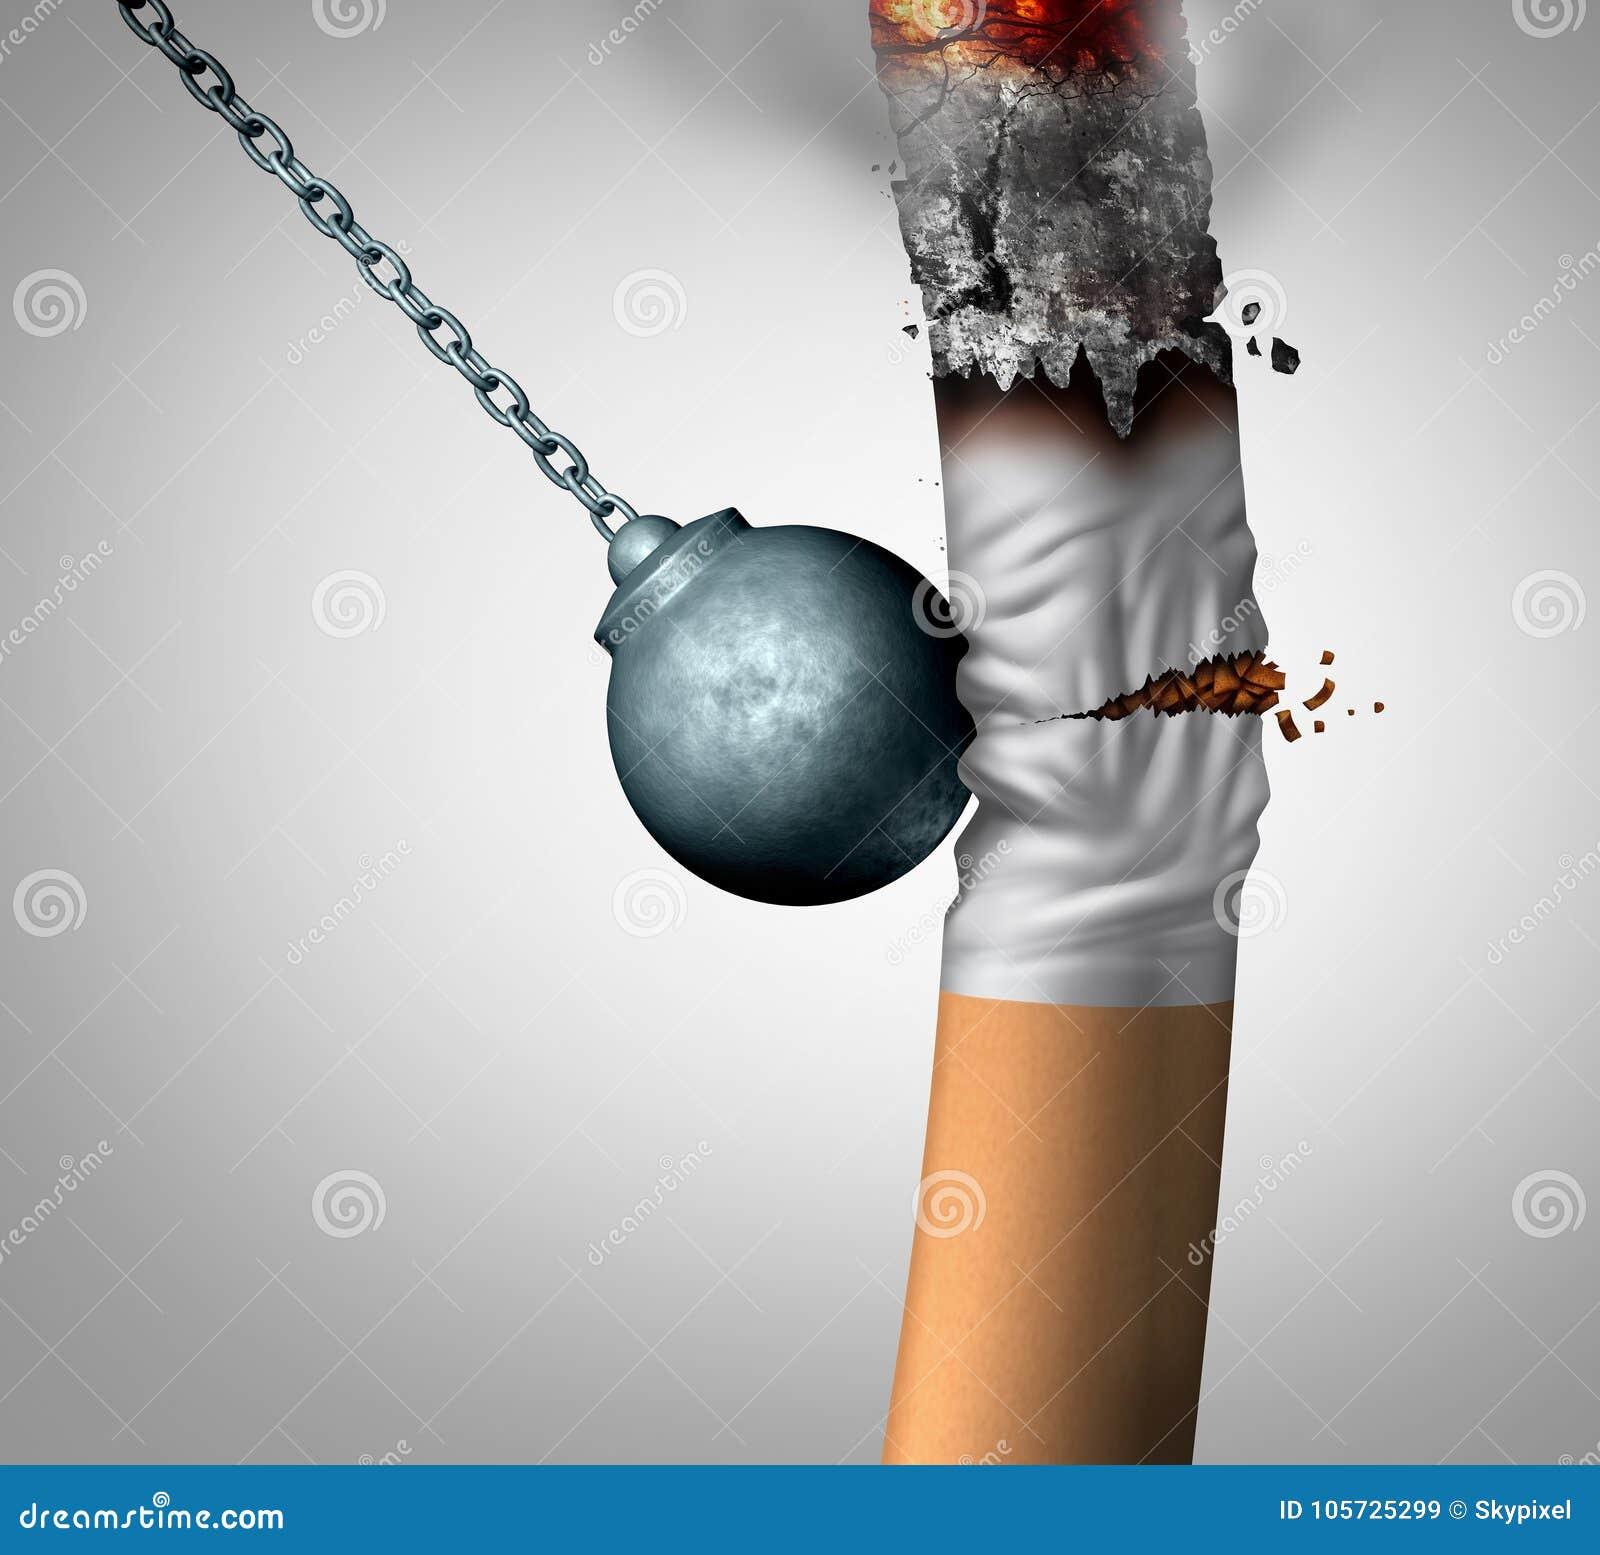 Brechen des Rauchens